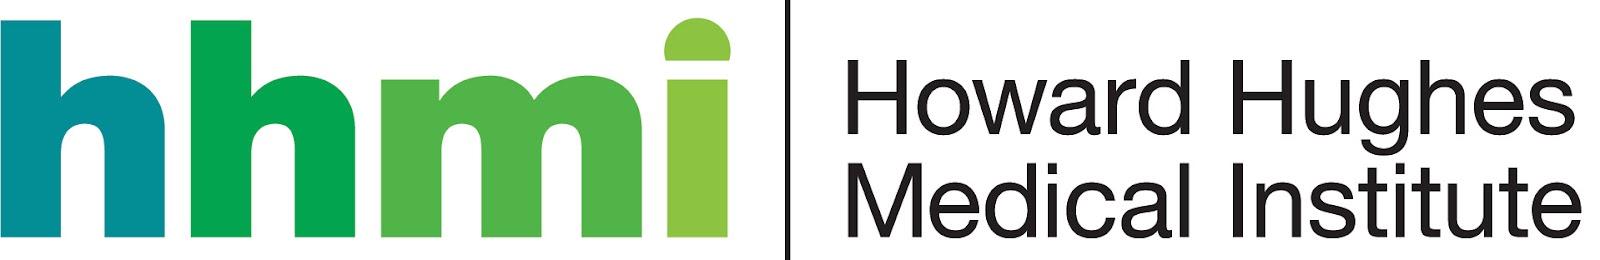 hhmi logo